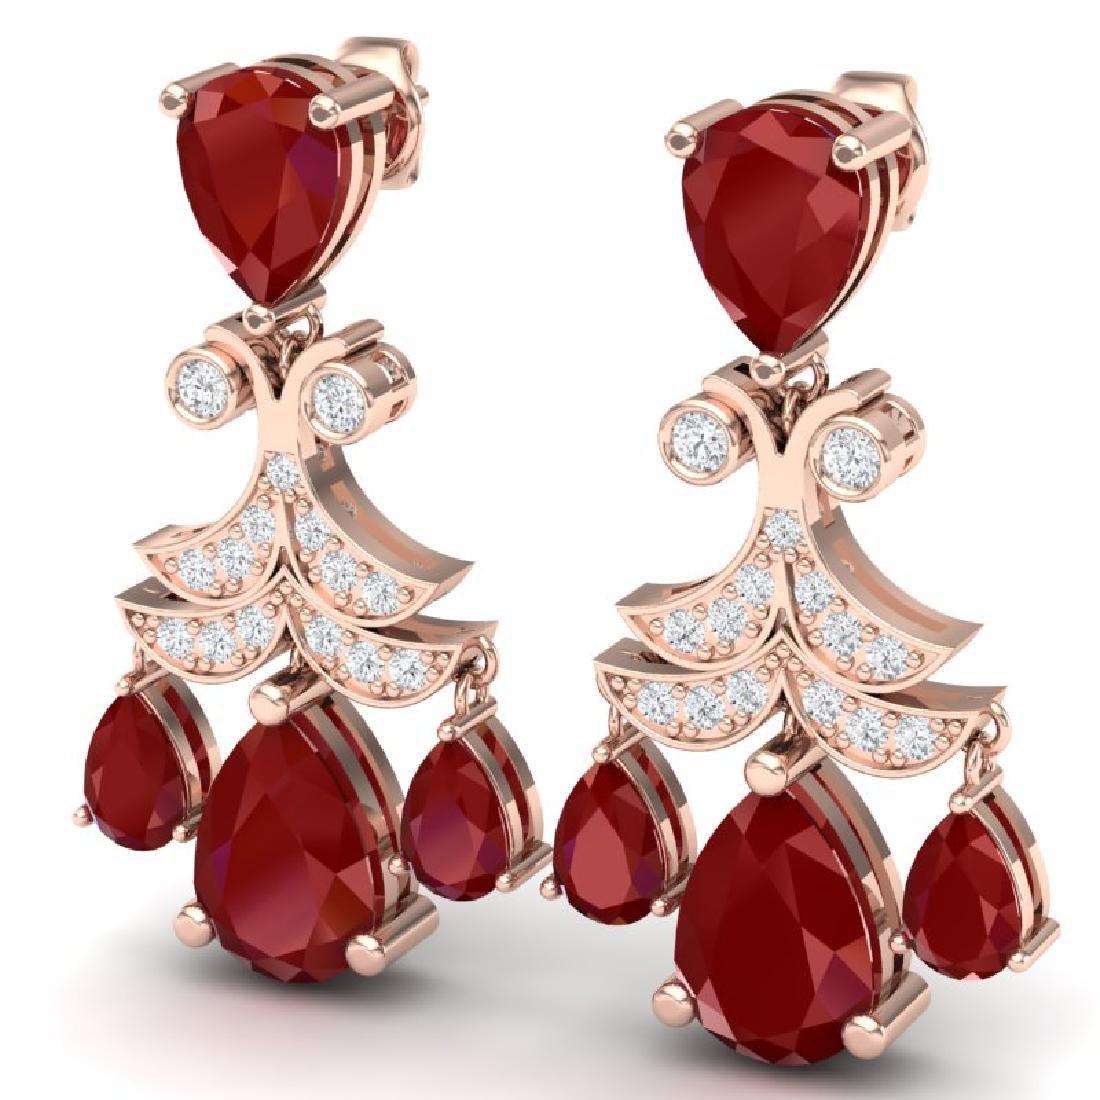 11.97 CTW Royalty Designer Ruby & VS Diamond Earrings - 2